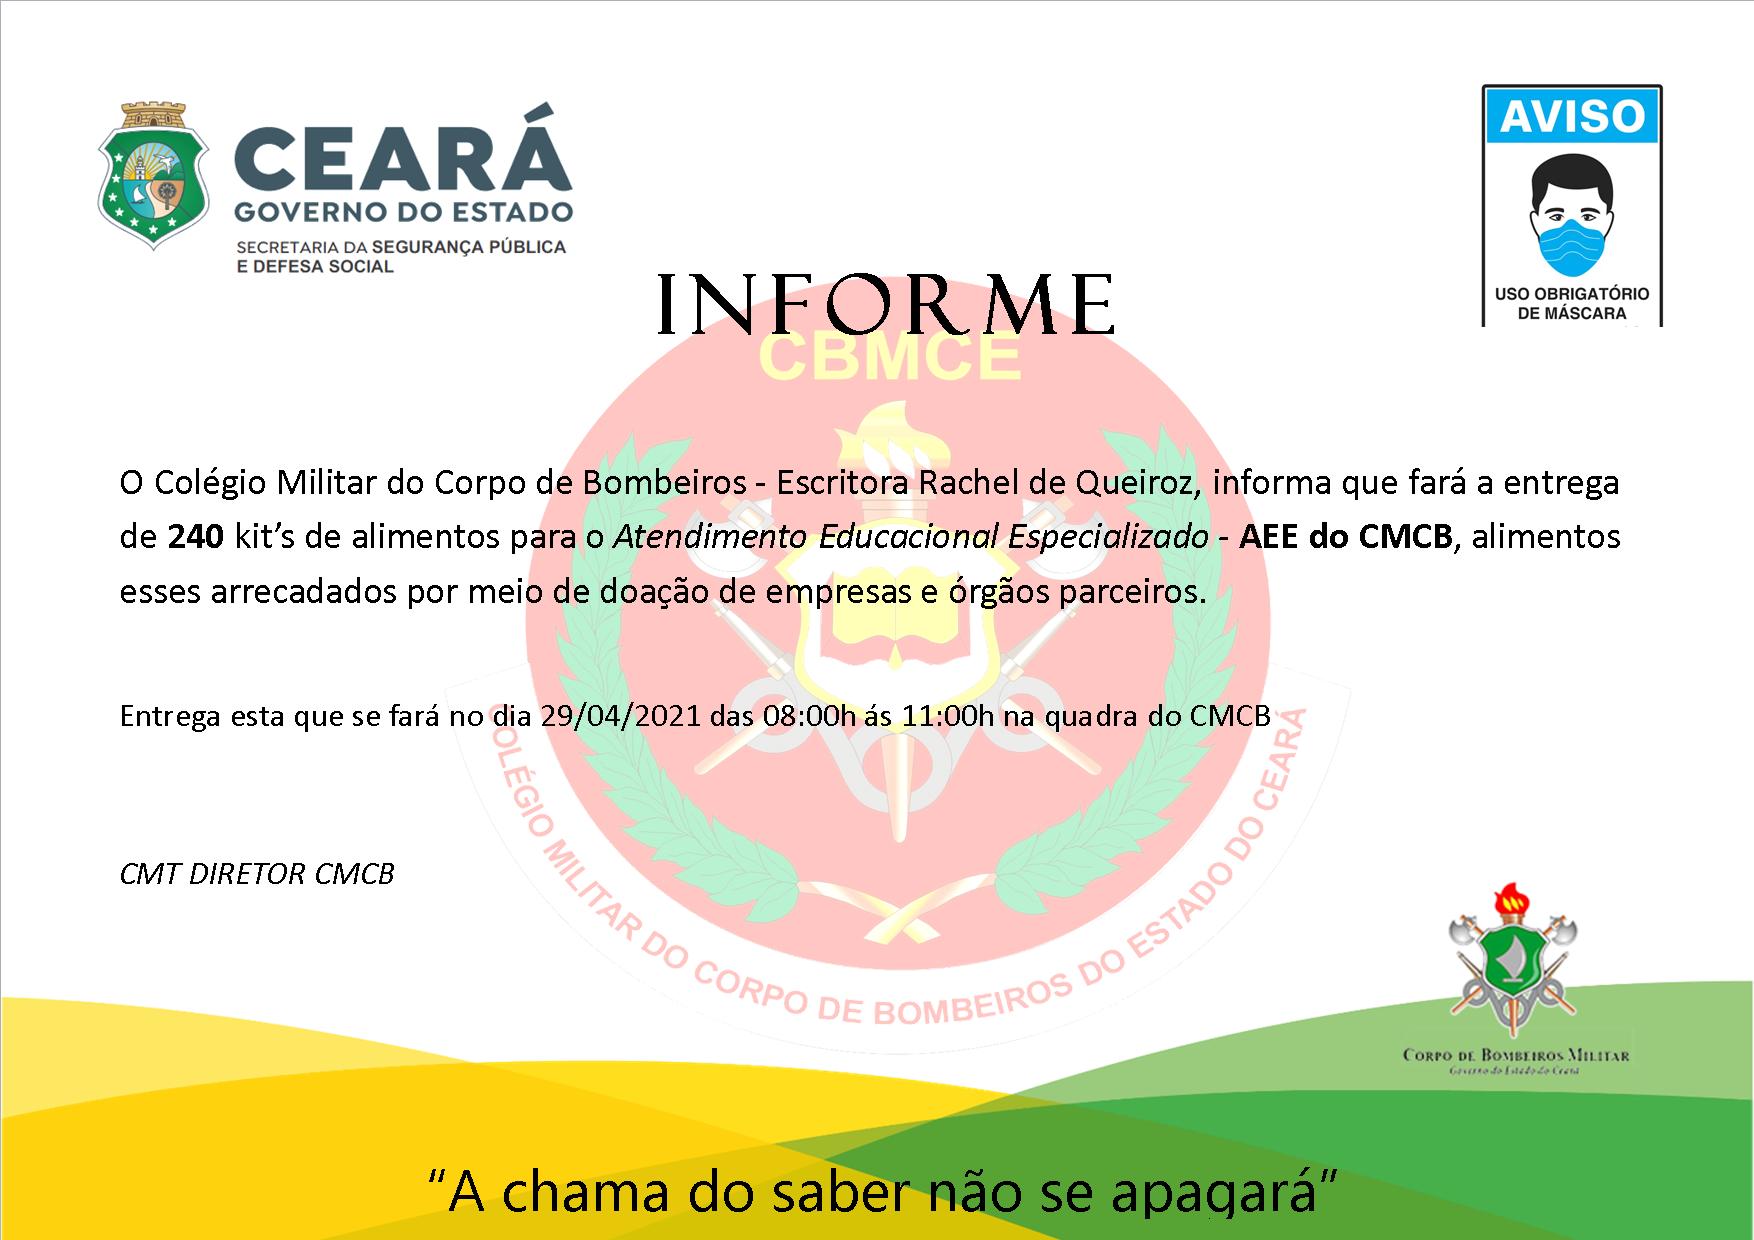 Entrega de 240 kit's de alimentos AEE-CMCB